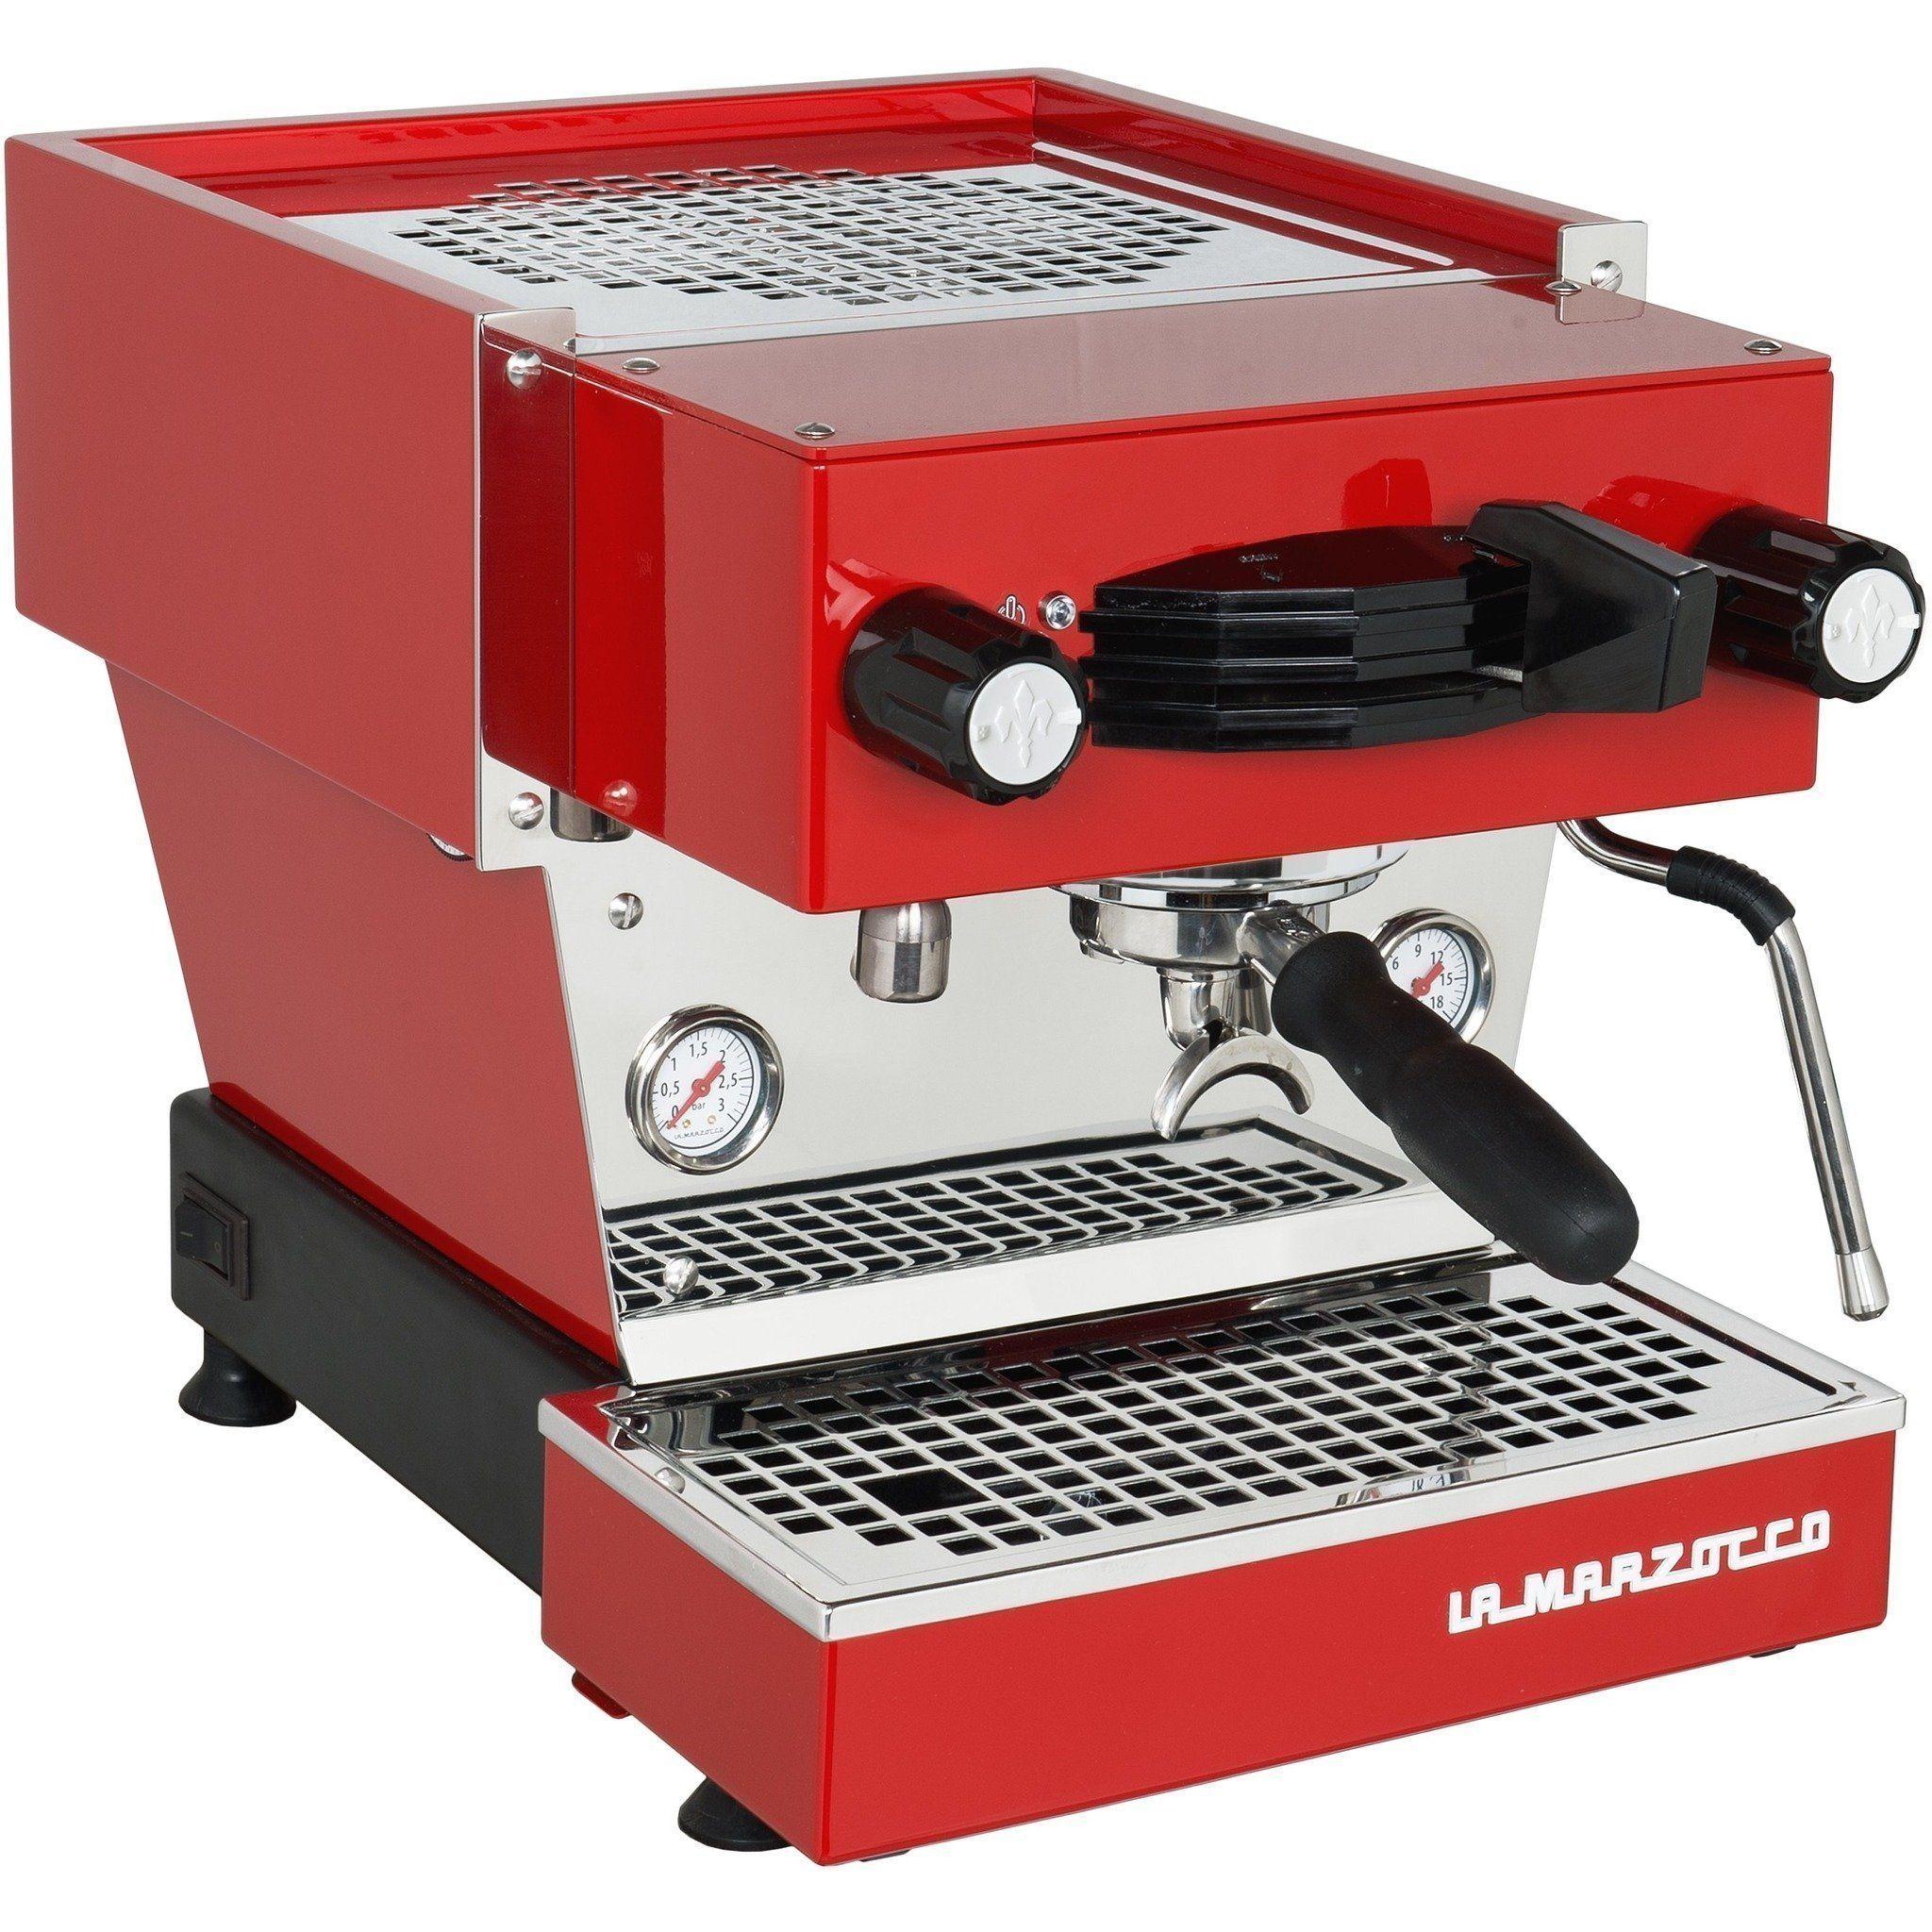 La Marzocco Linea Mini Home Espresso Coffee Machine 120v